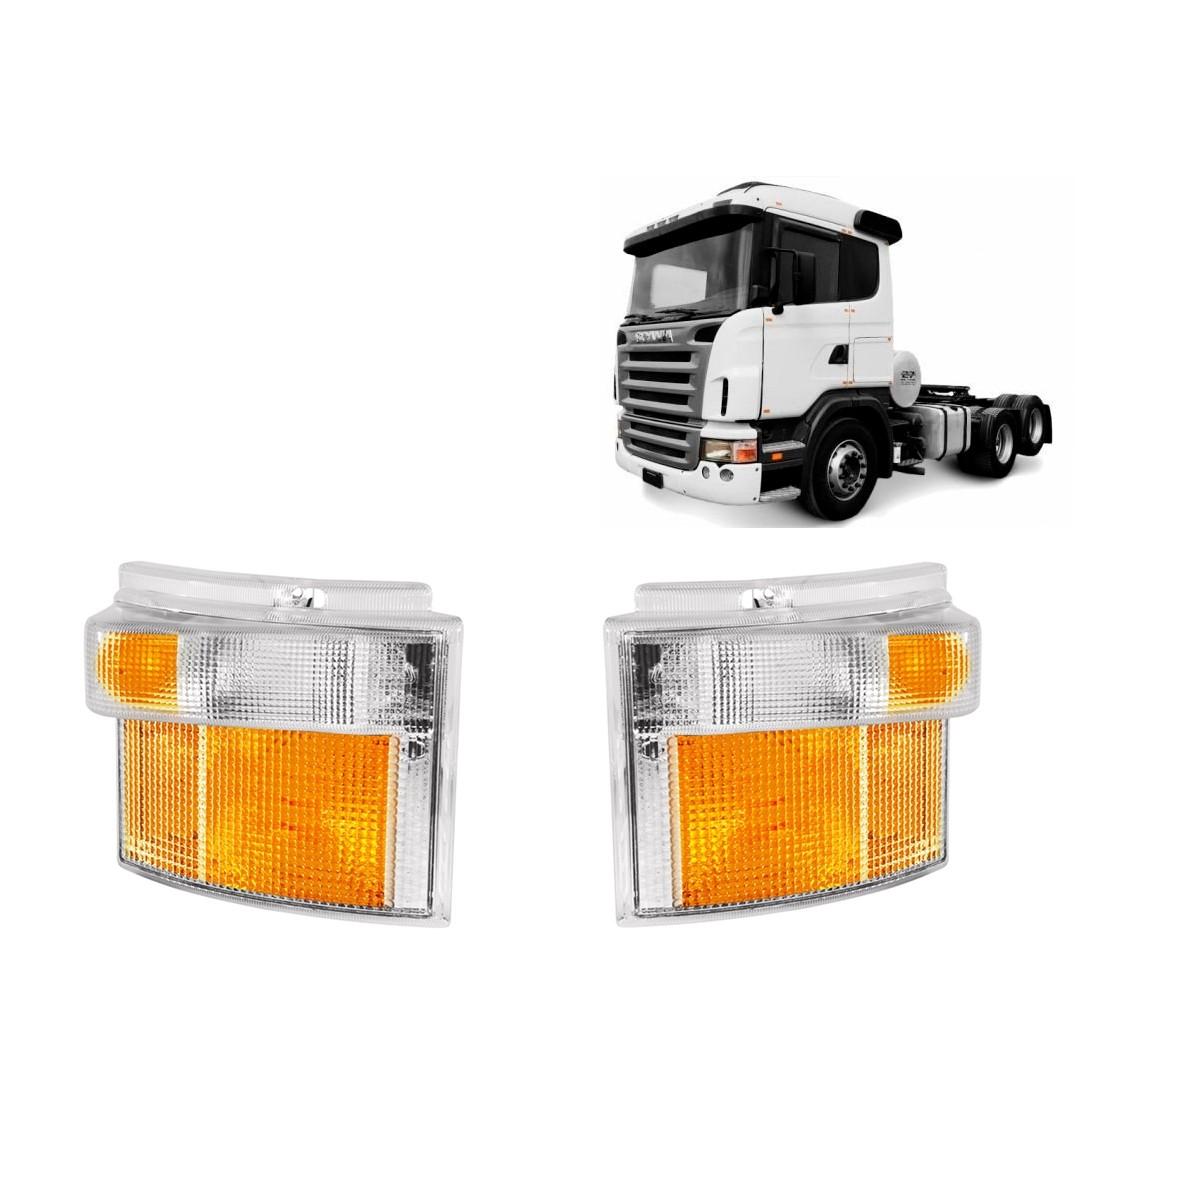 Par Lanterna Dianteira Seta Pisca Scania Sc 114 124 S4 S5